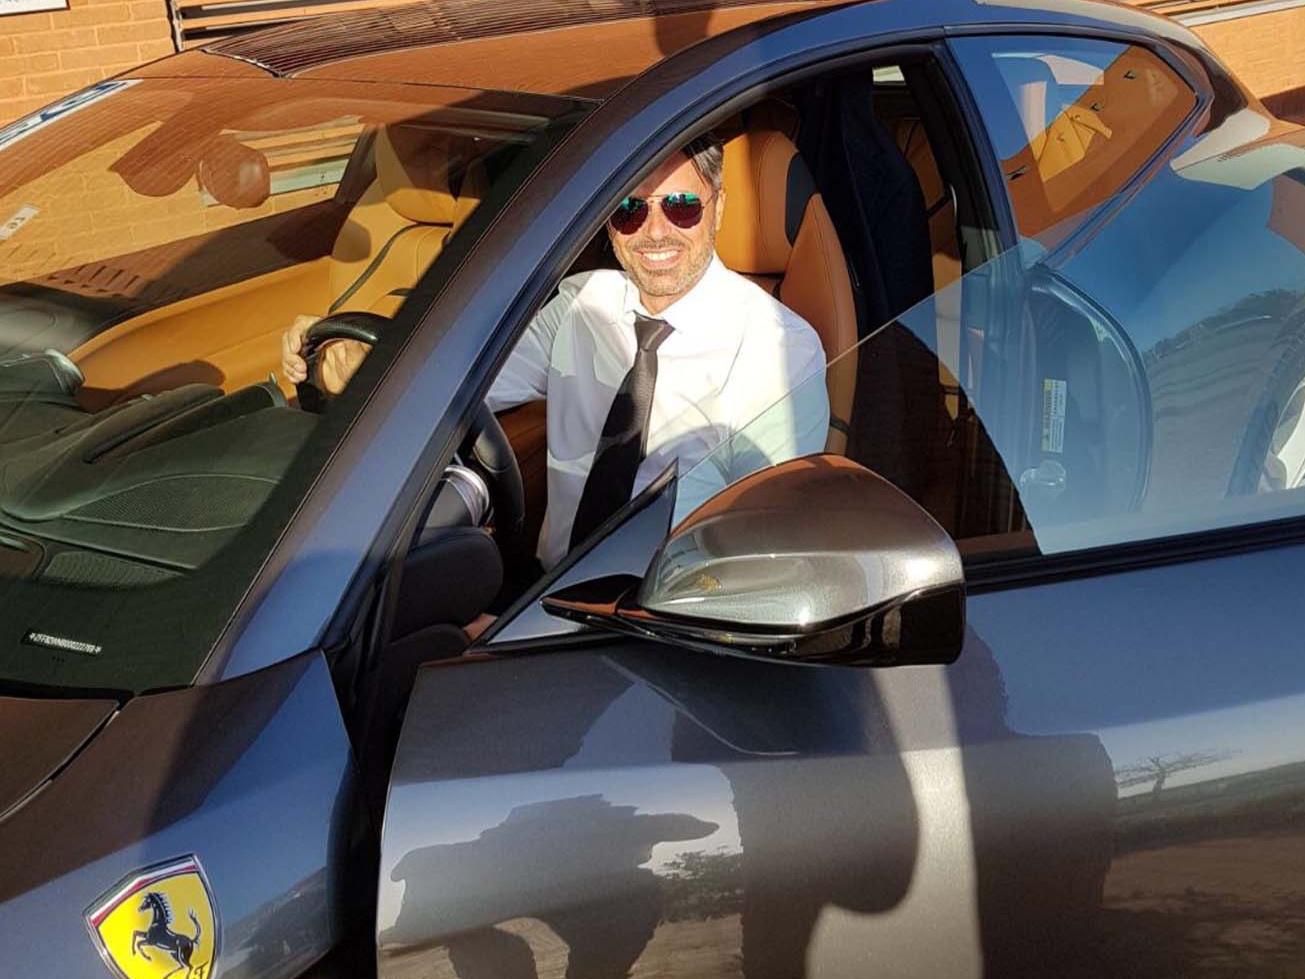 Auto-Elite-Day-Tour-Test-Drivejpg.jpg